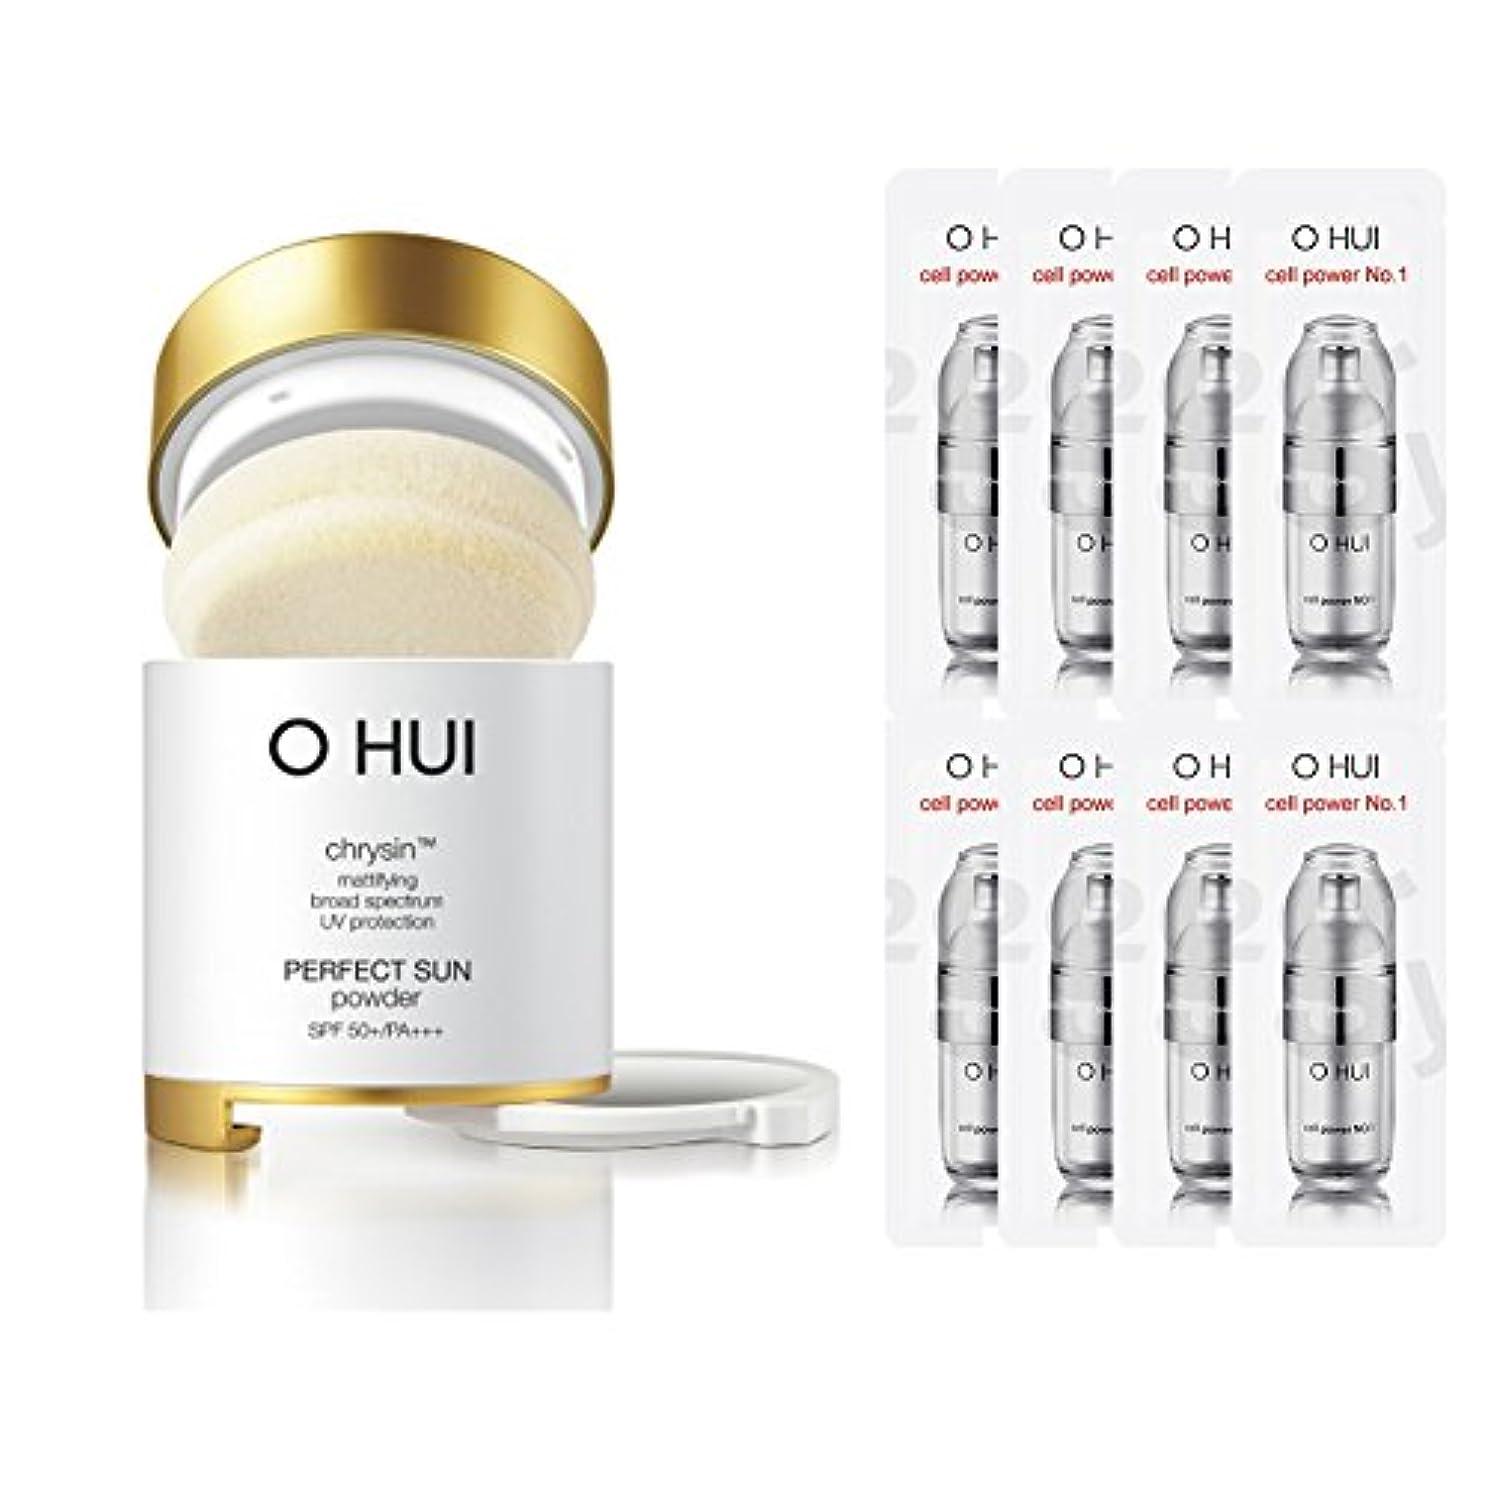 動脈徐々に多年生OHUI/オフィ2015年 パーフェクトサンパウダー (OHUI Version Perfect Sun Powder SPF50++PA+++ Special Gift set) スポット [海外直送品] (2号ベージュ)